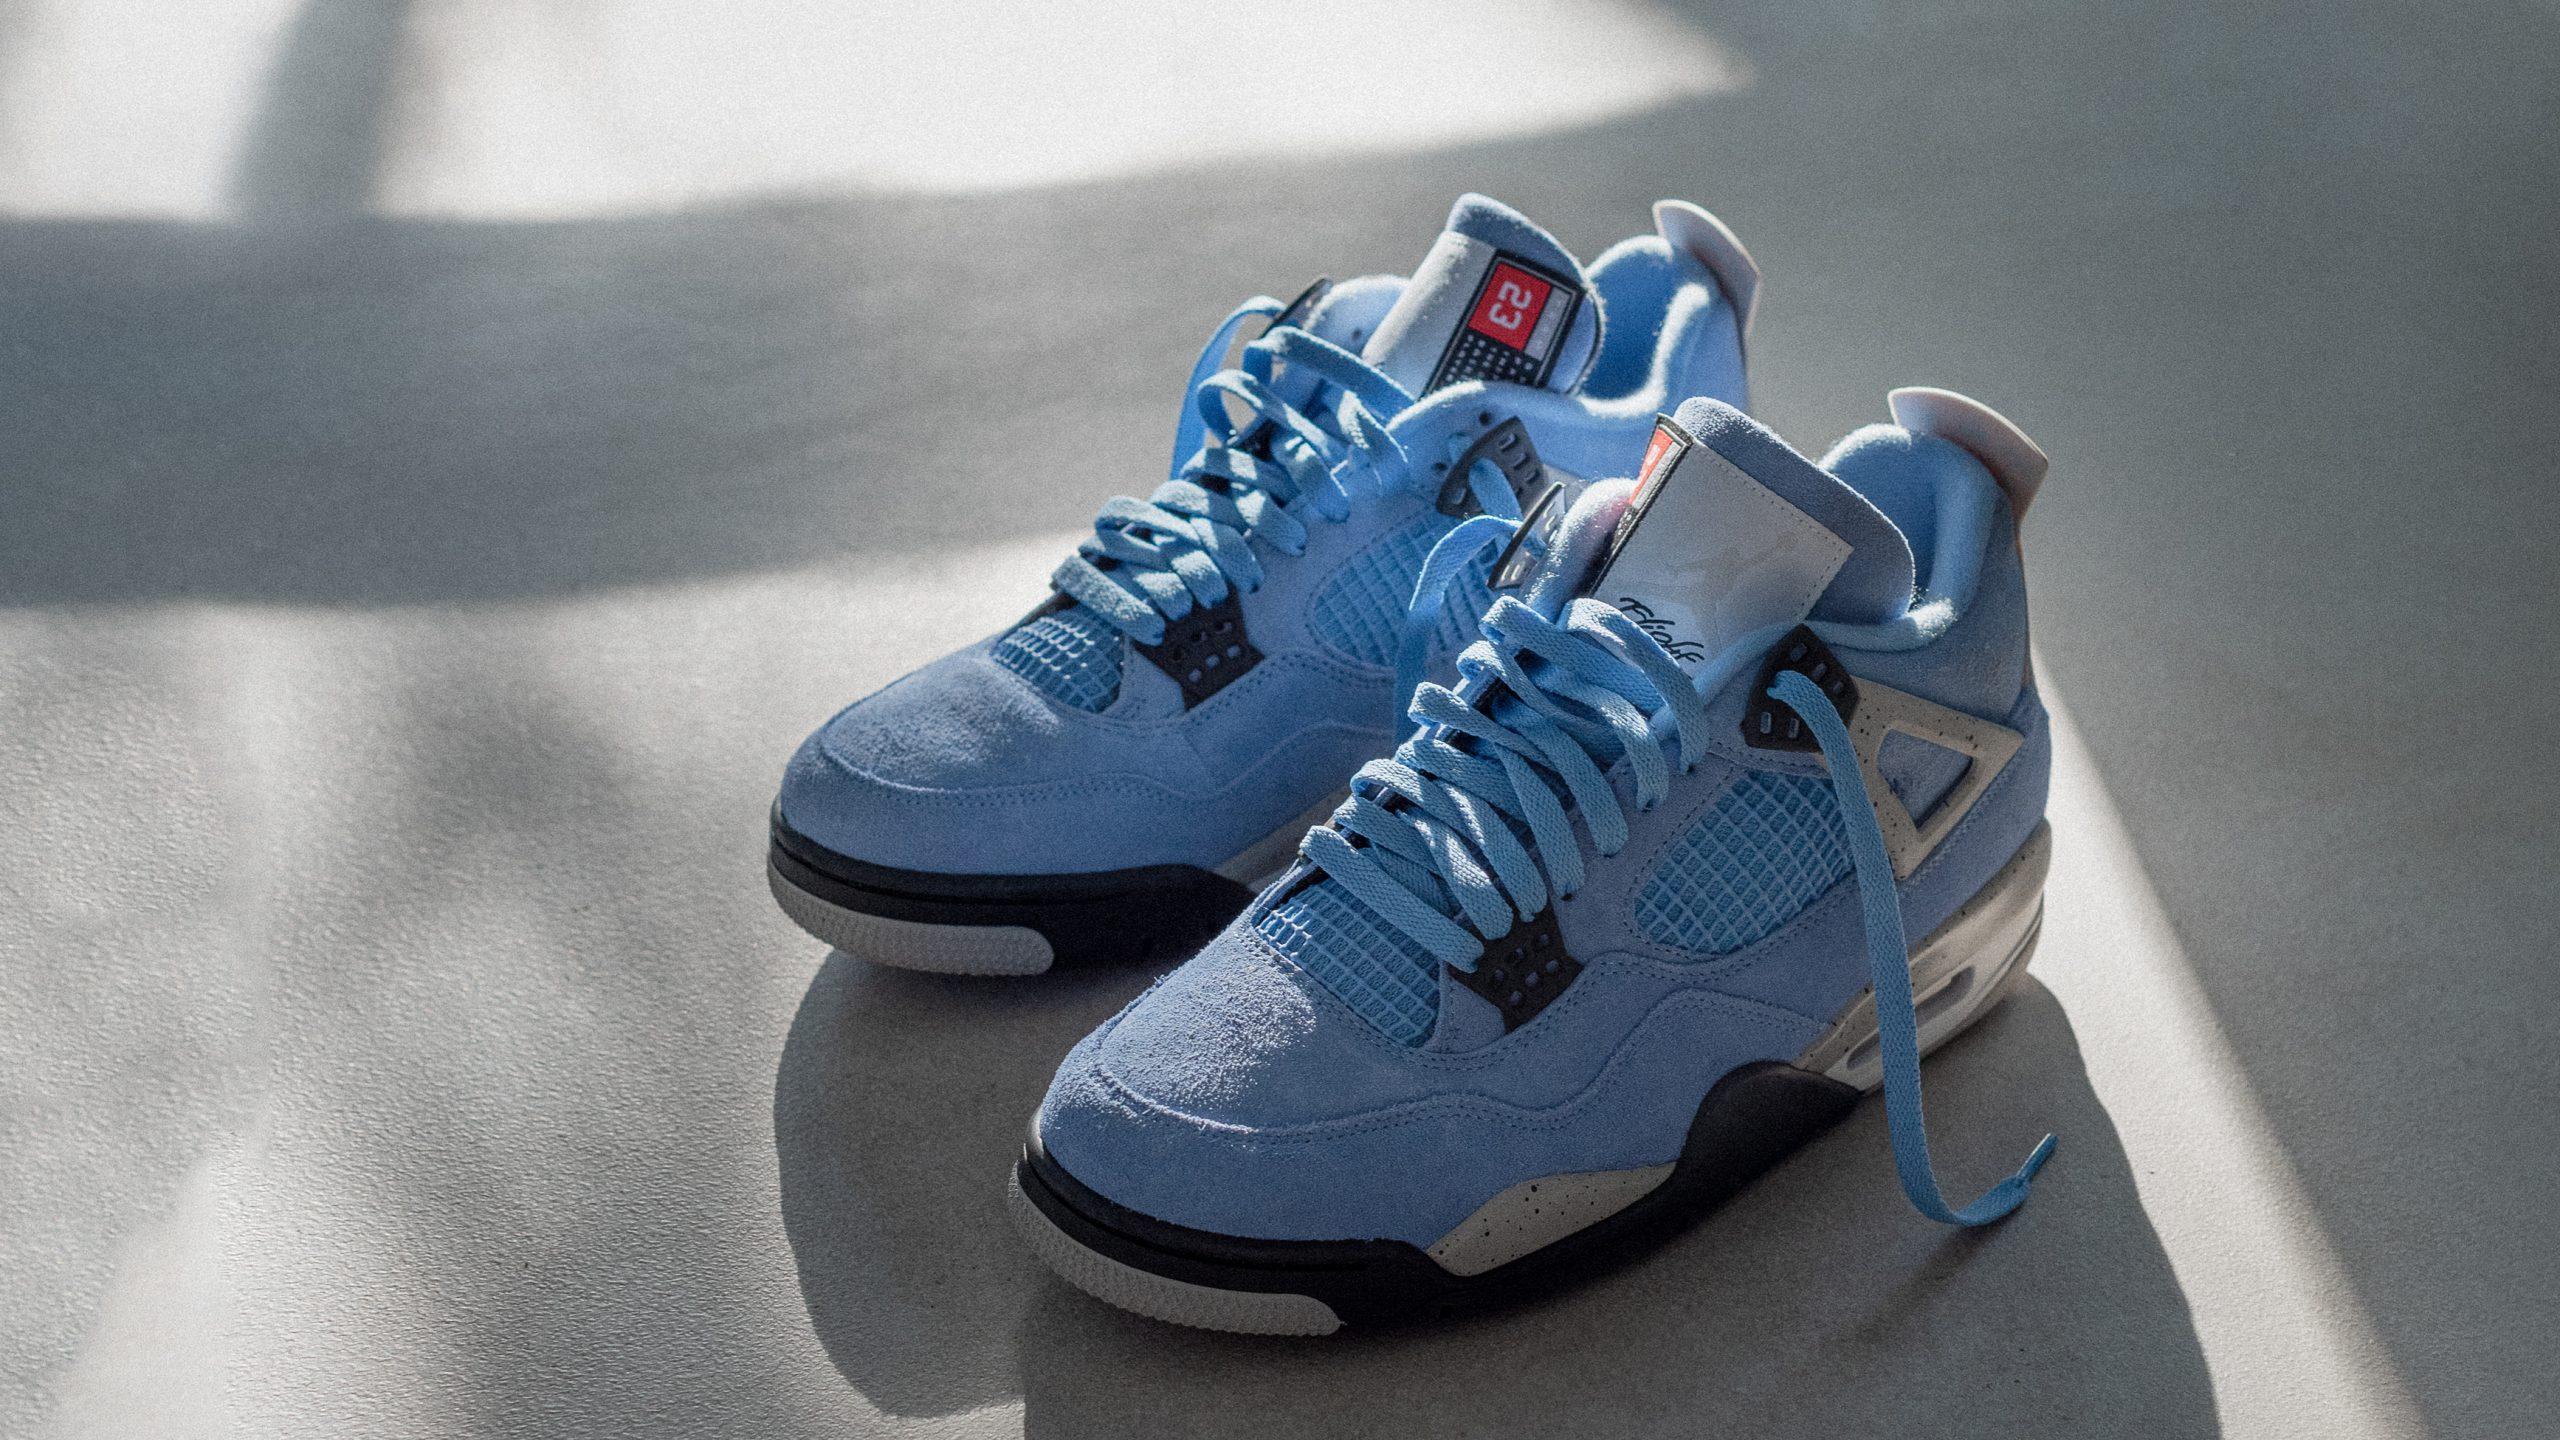 Air Jordan 4 Retro 'University Blue'